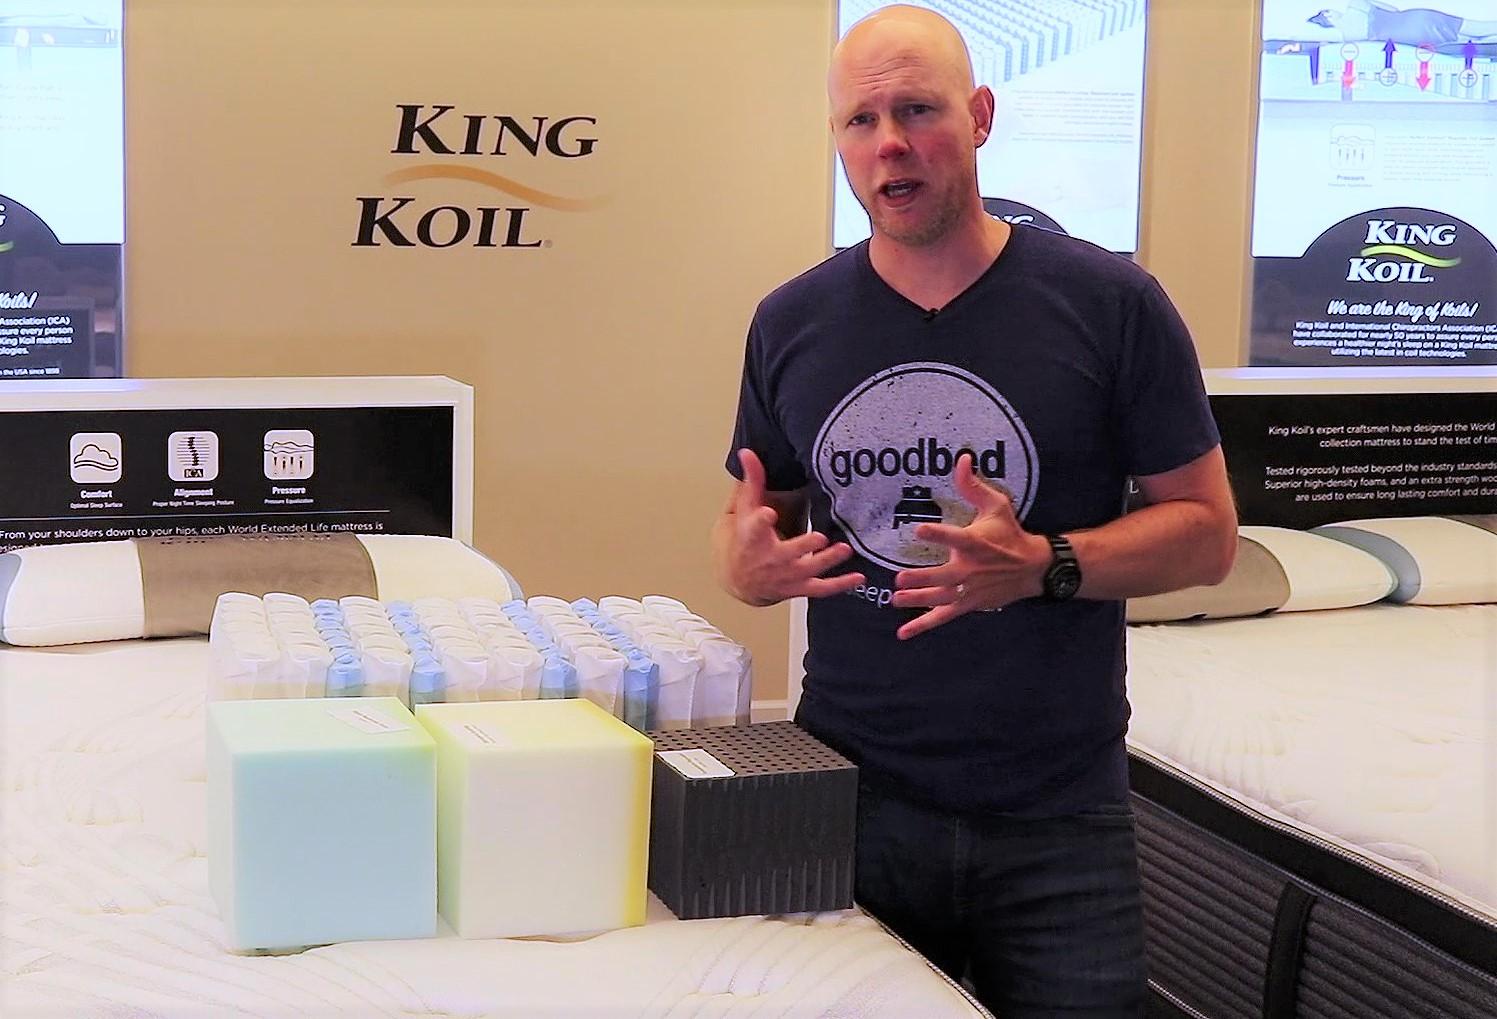 King Koil World Extended Life Mattress Materials